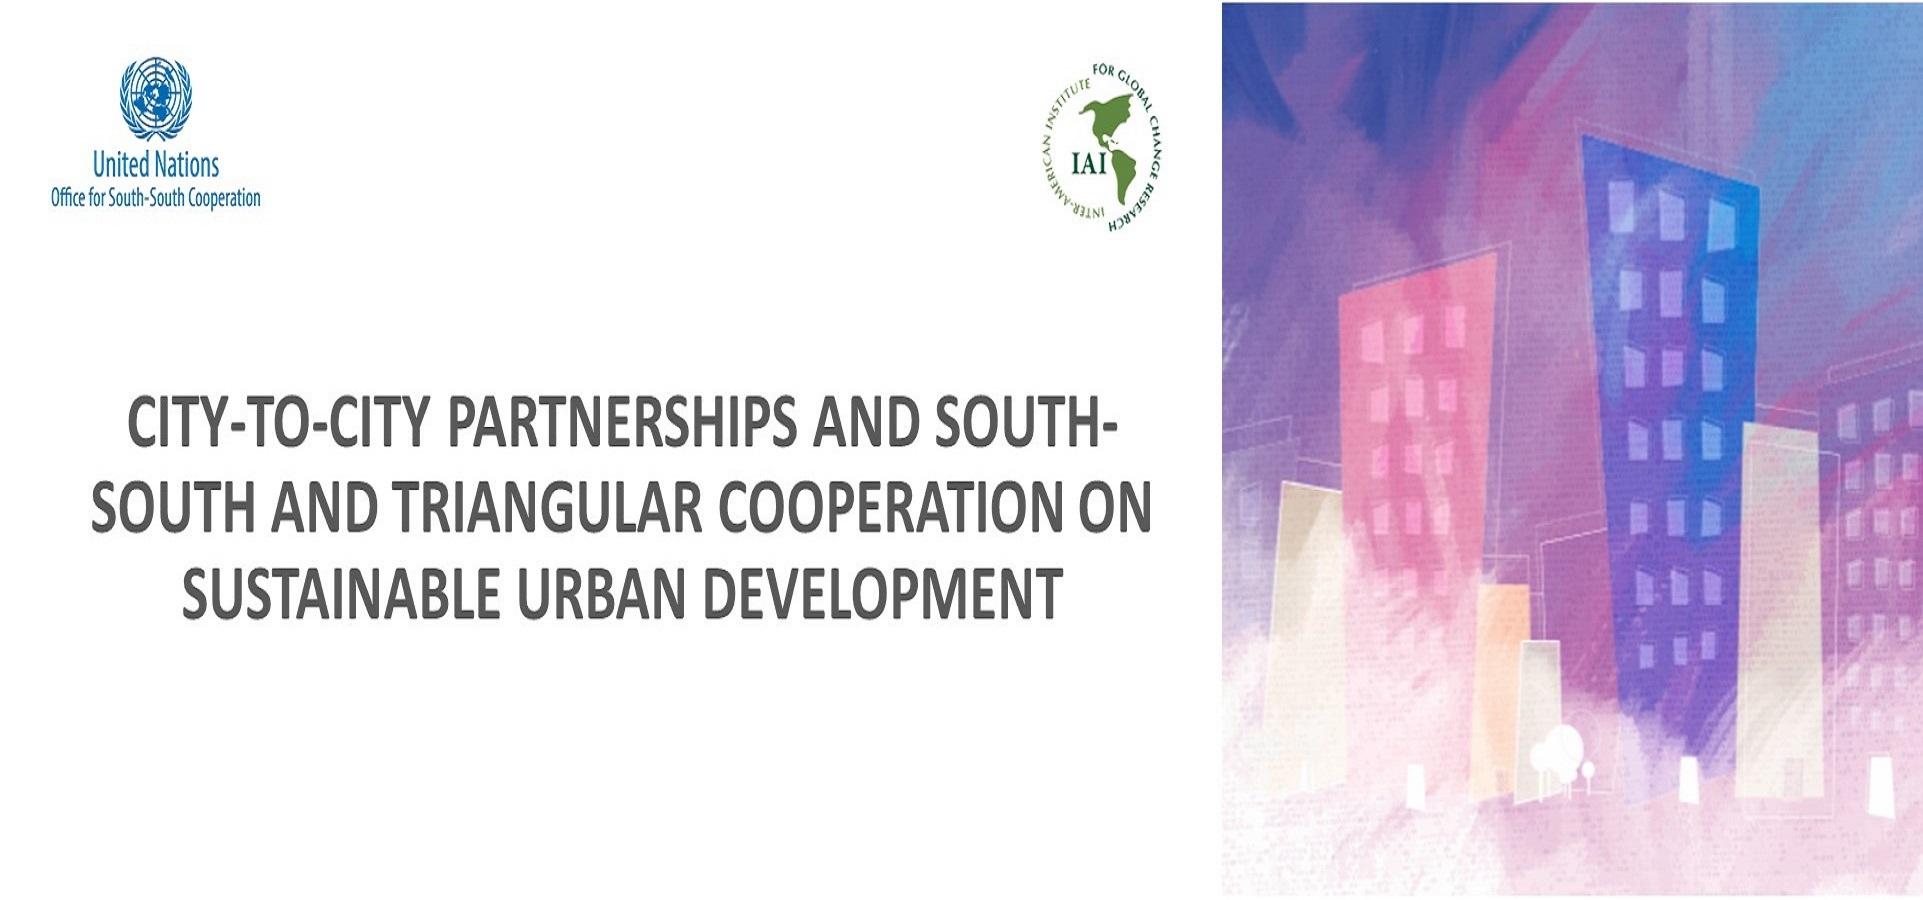 UNOSSC Triangular Cooperation on Sustainable Urban Development Banner Image